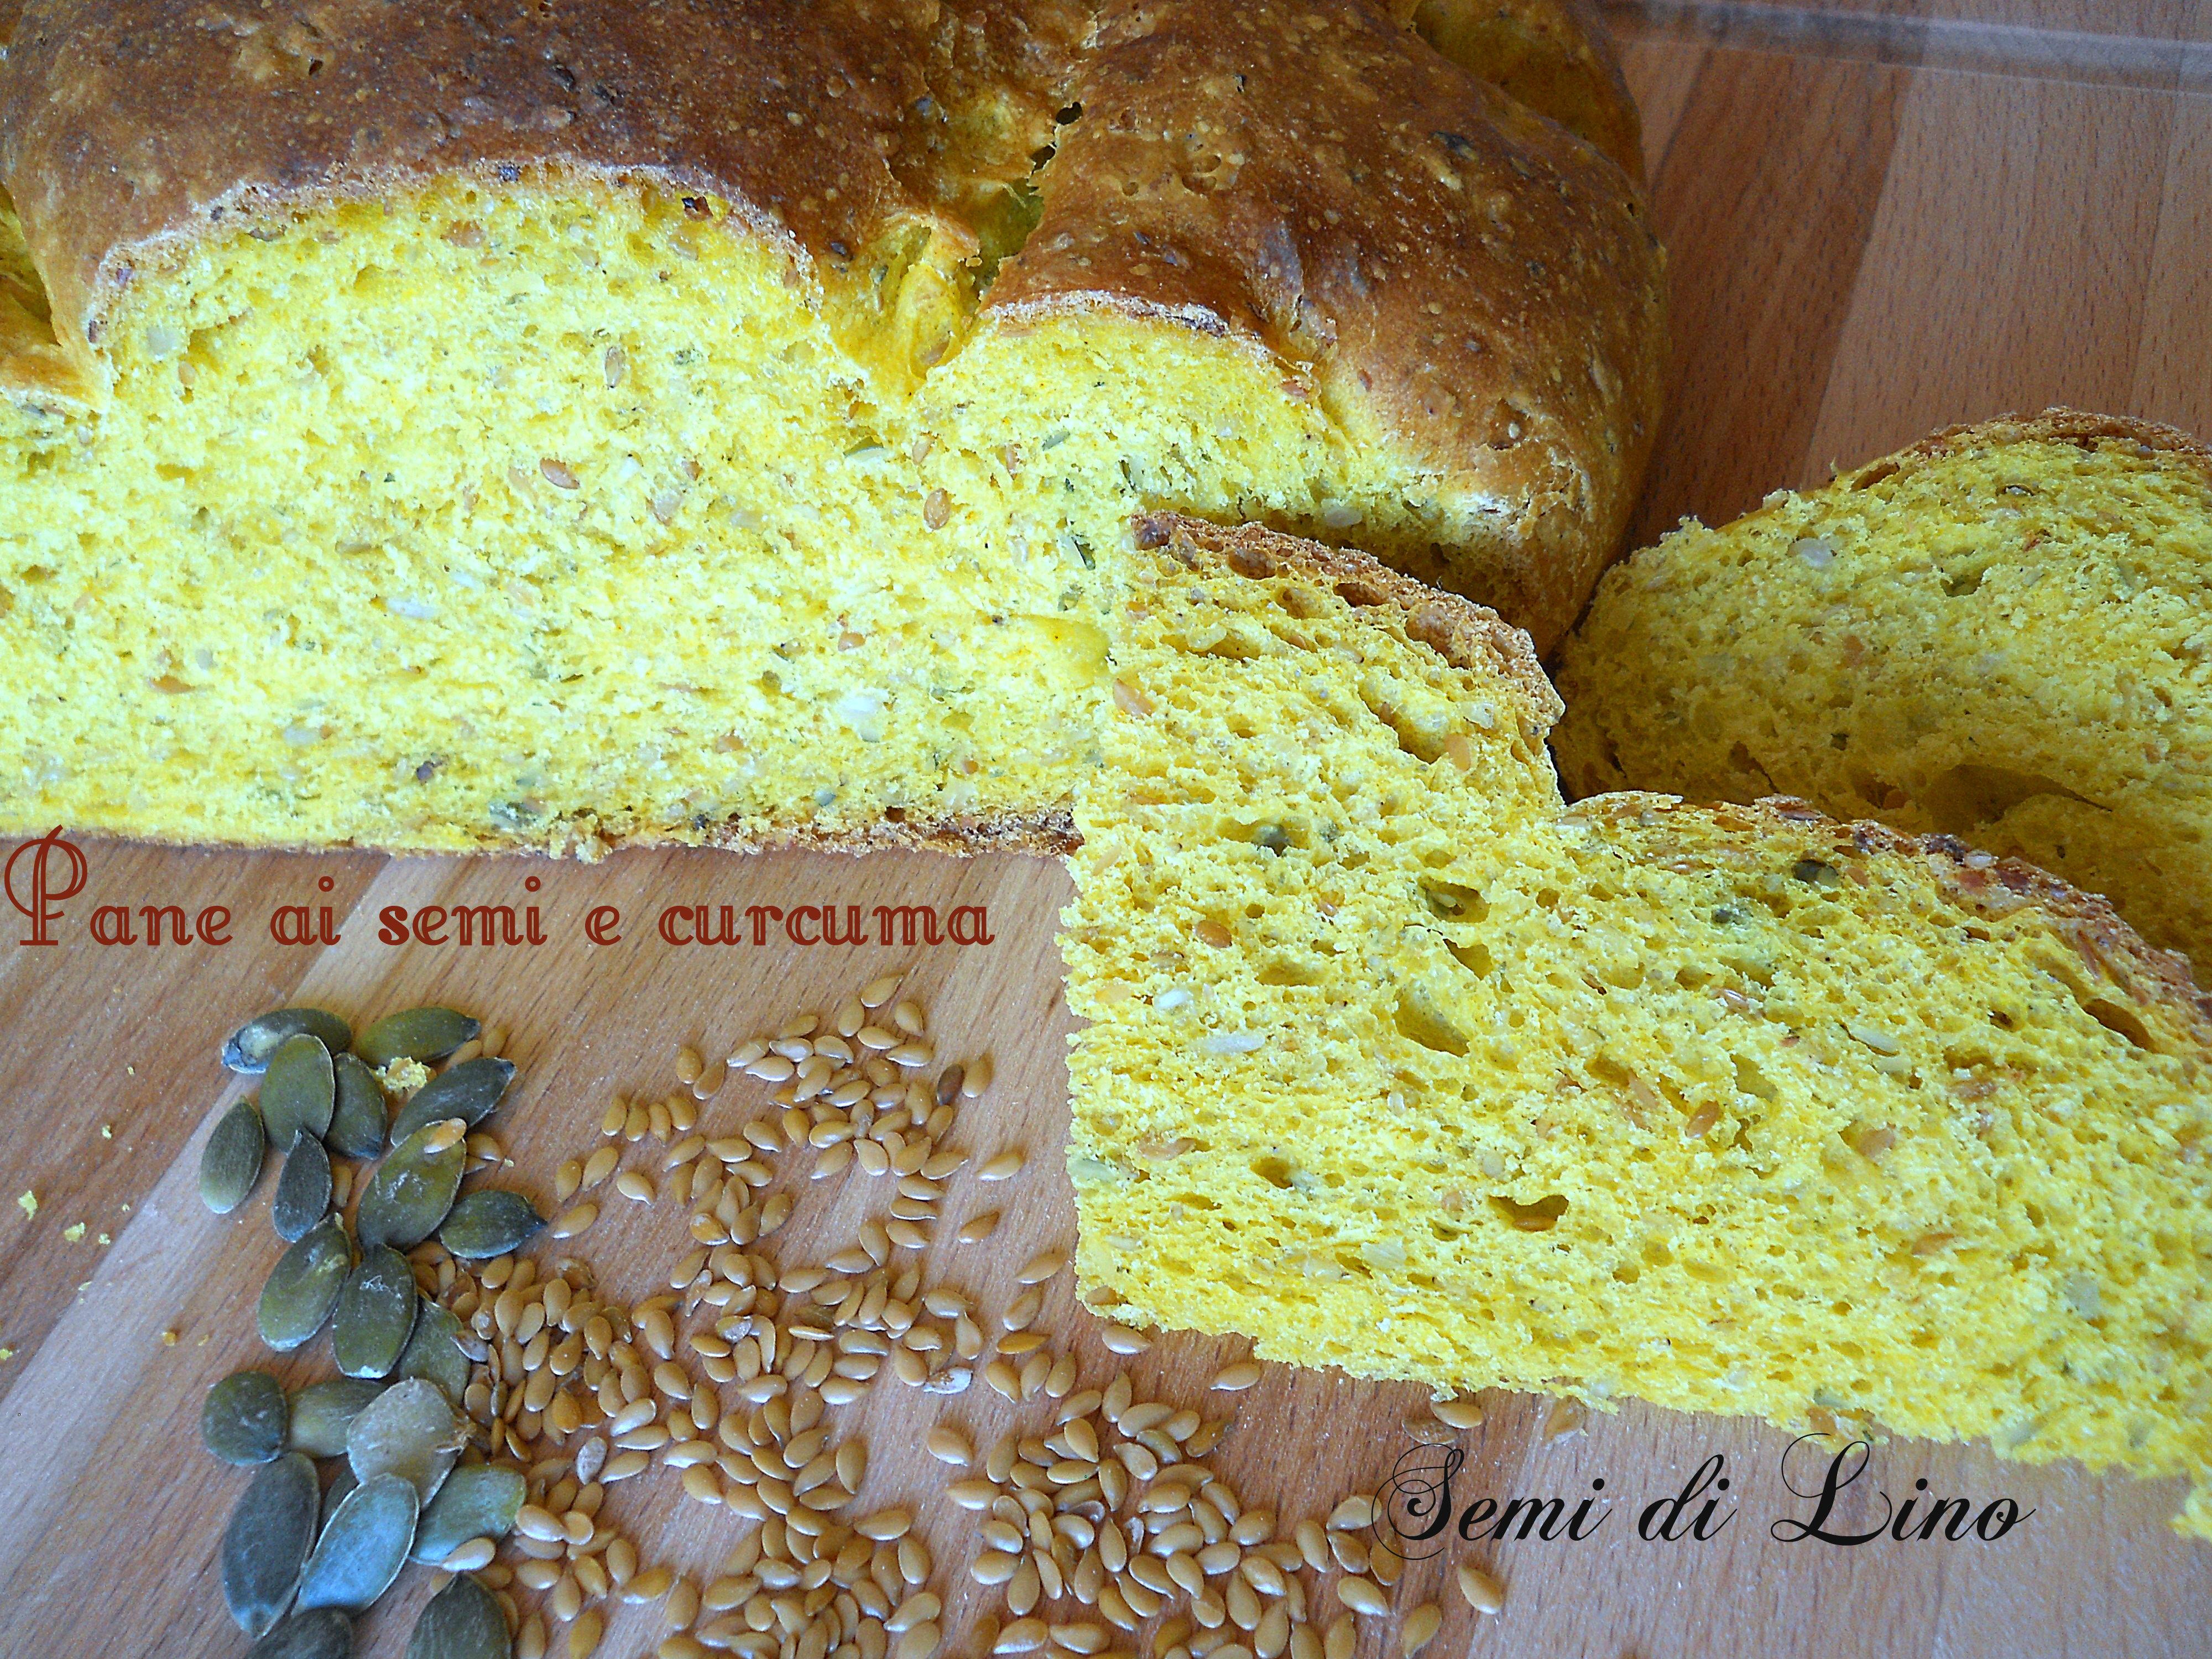 Pane alla curcuma e semi, speziato e colorato